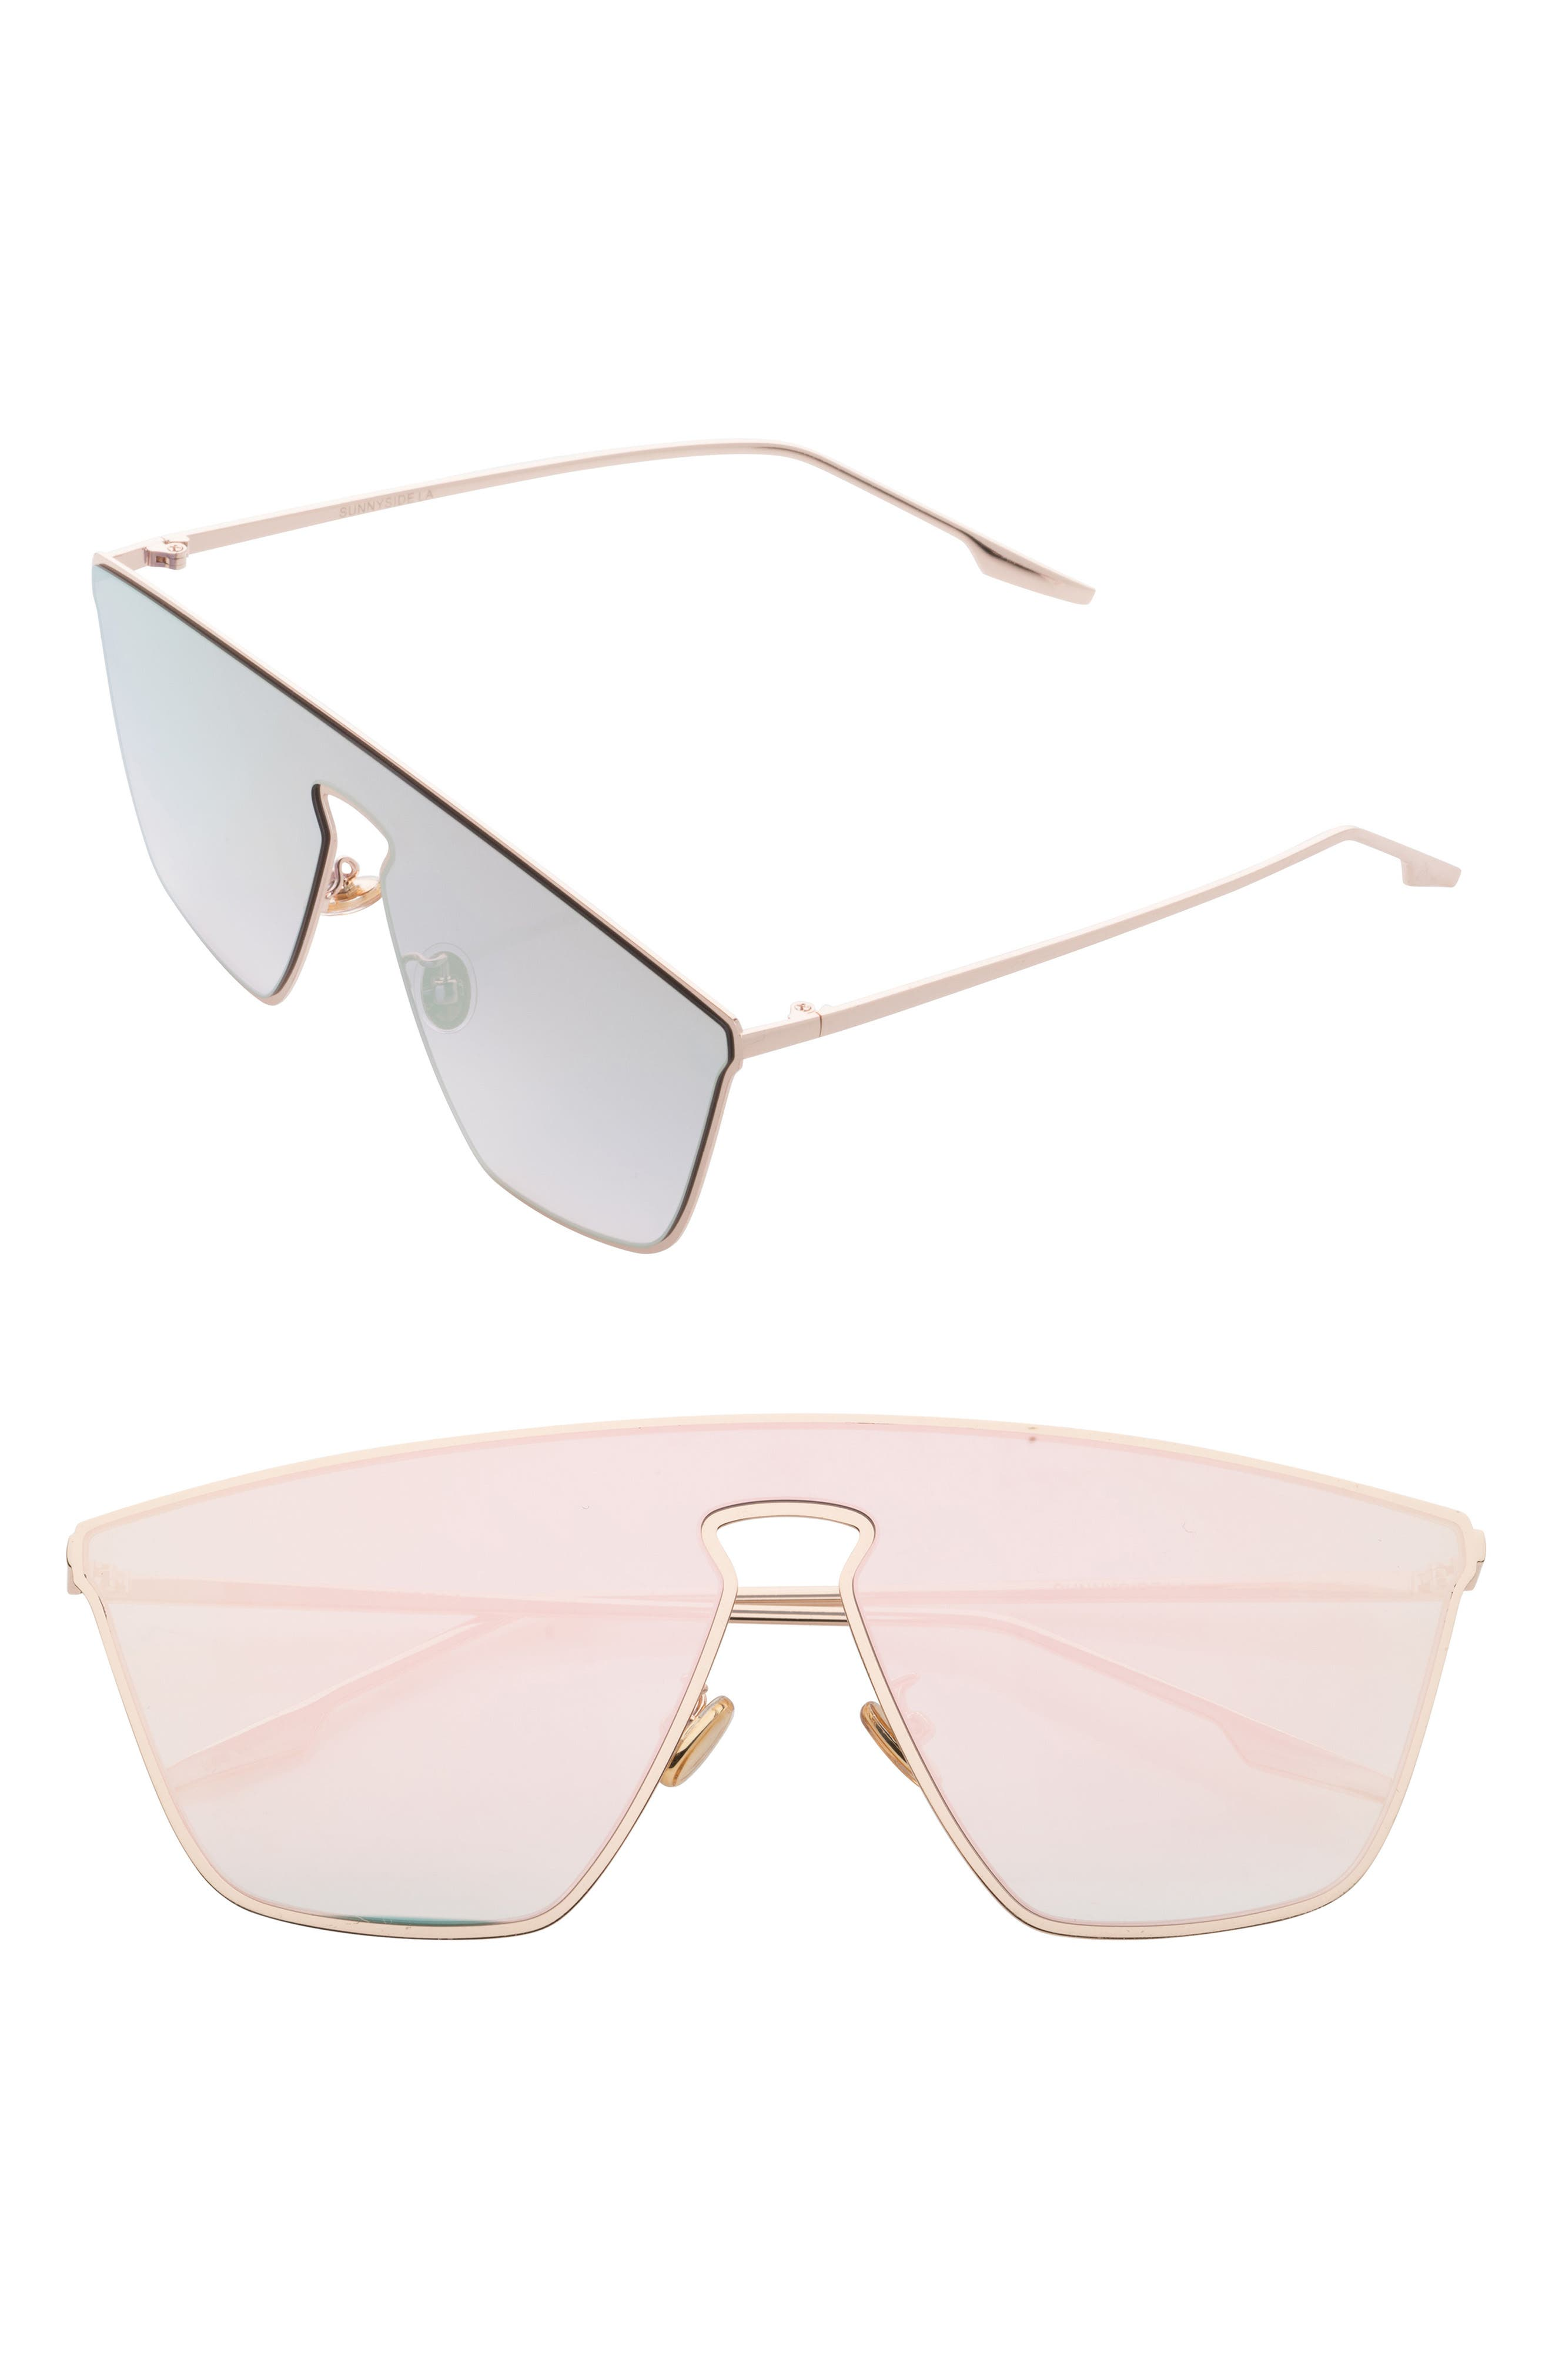 SunnySide LA 65mm Mirrored Shield Sunglasses